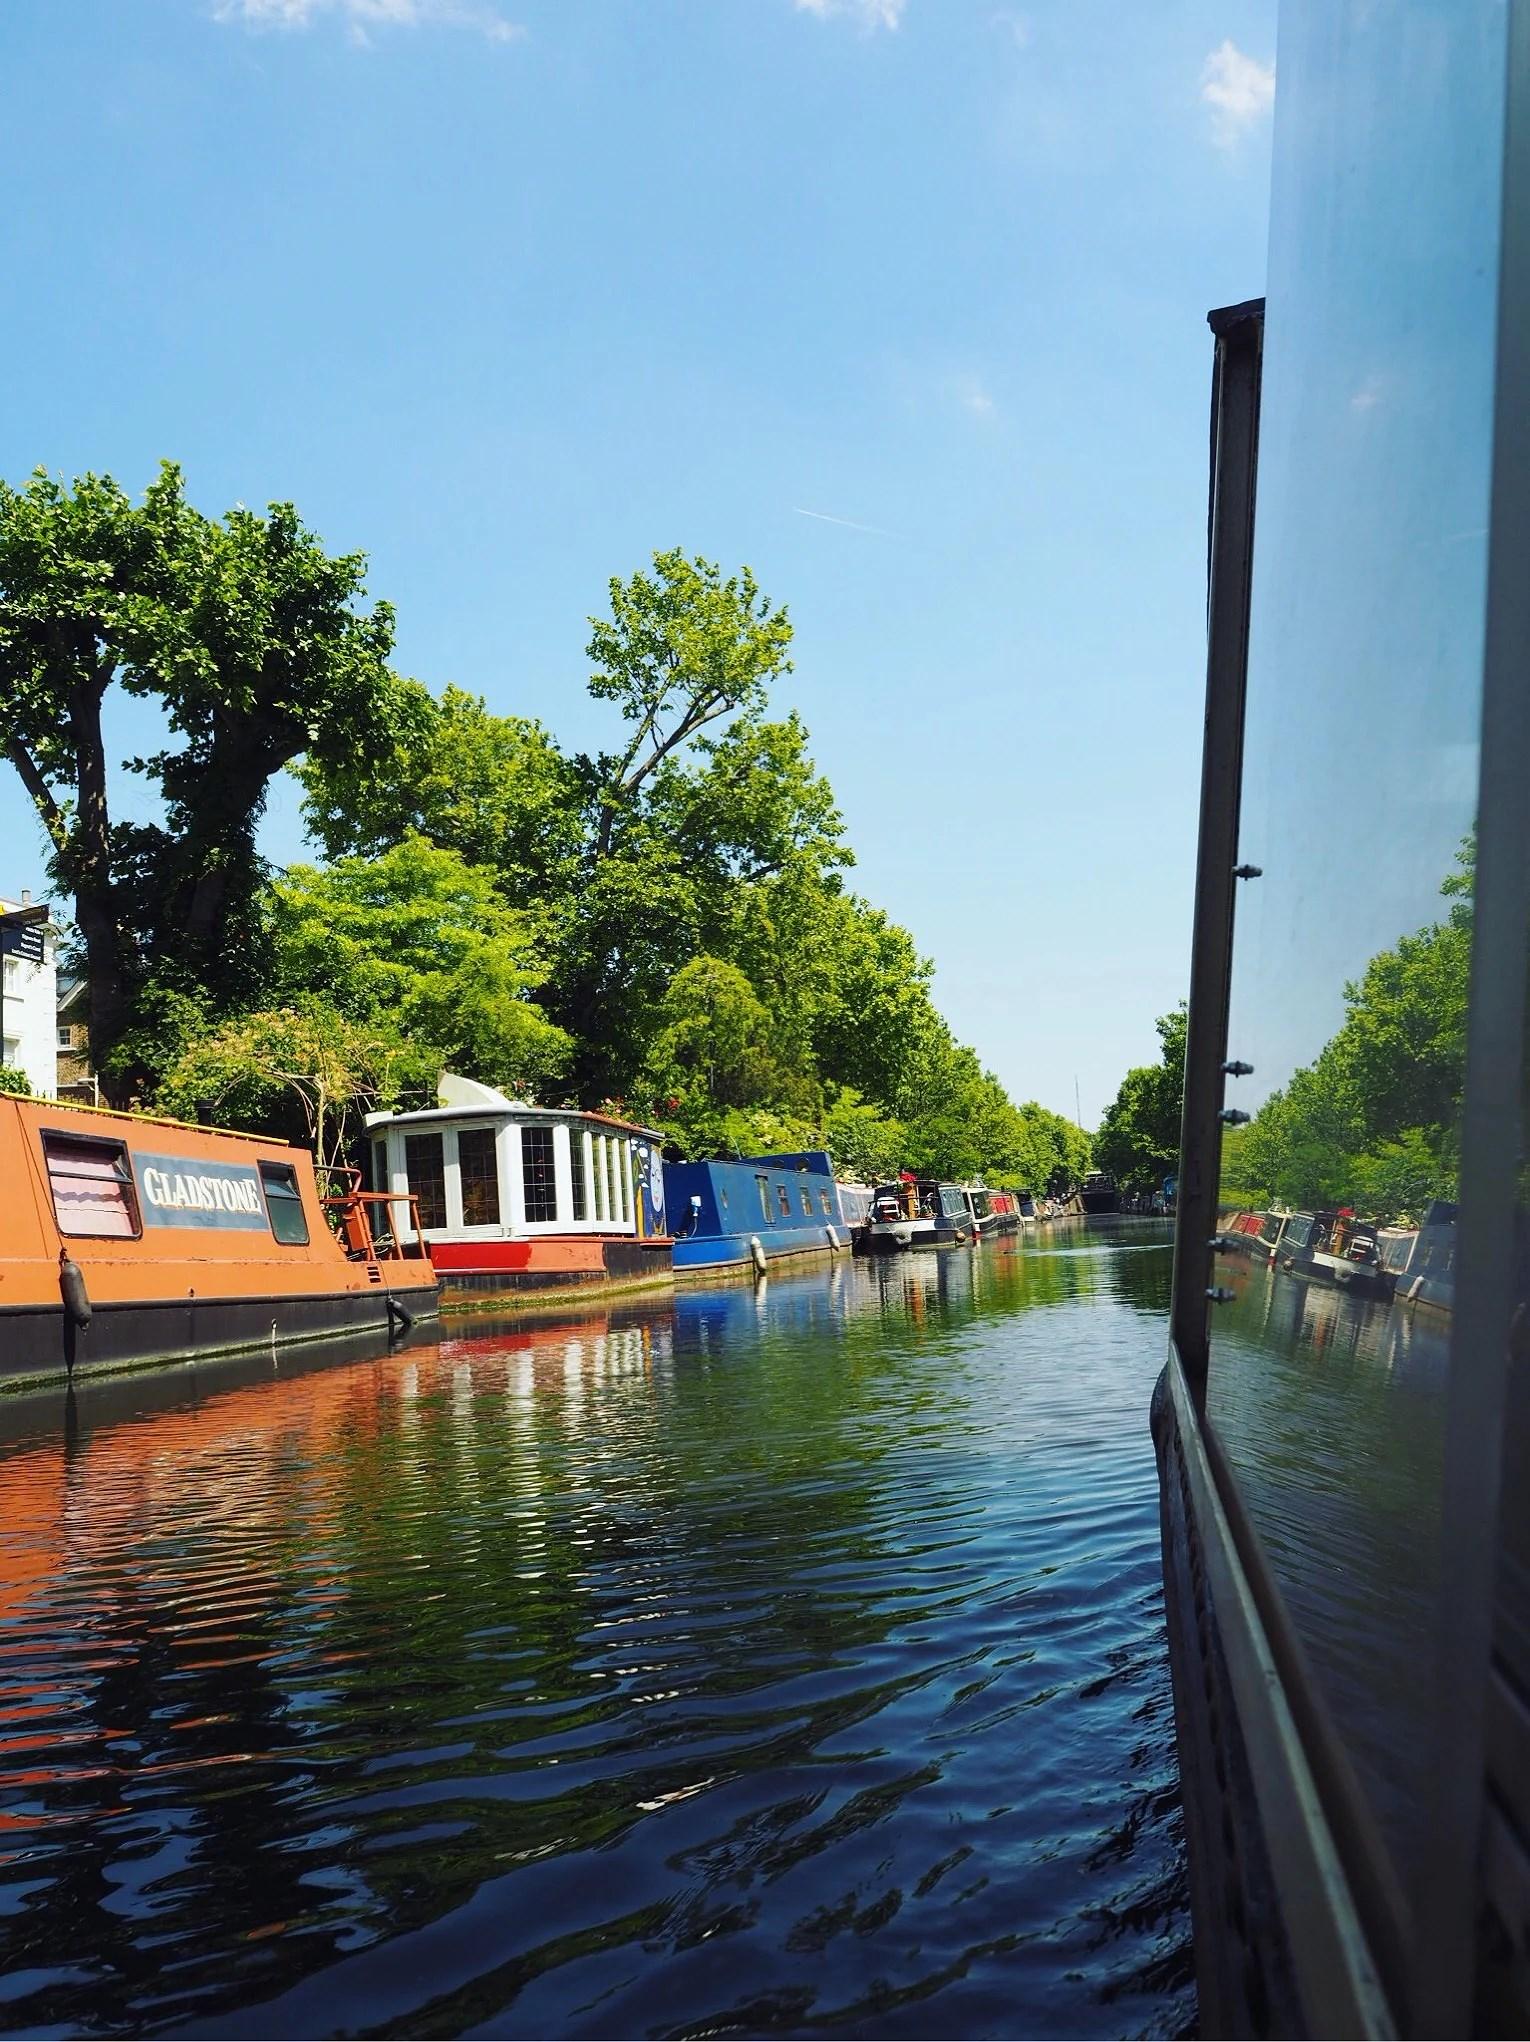 Båttur till Camden